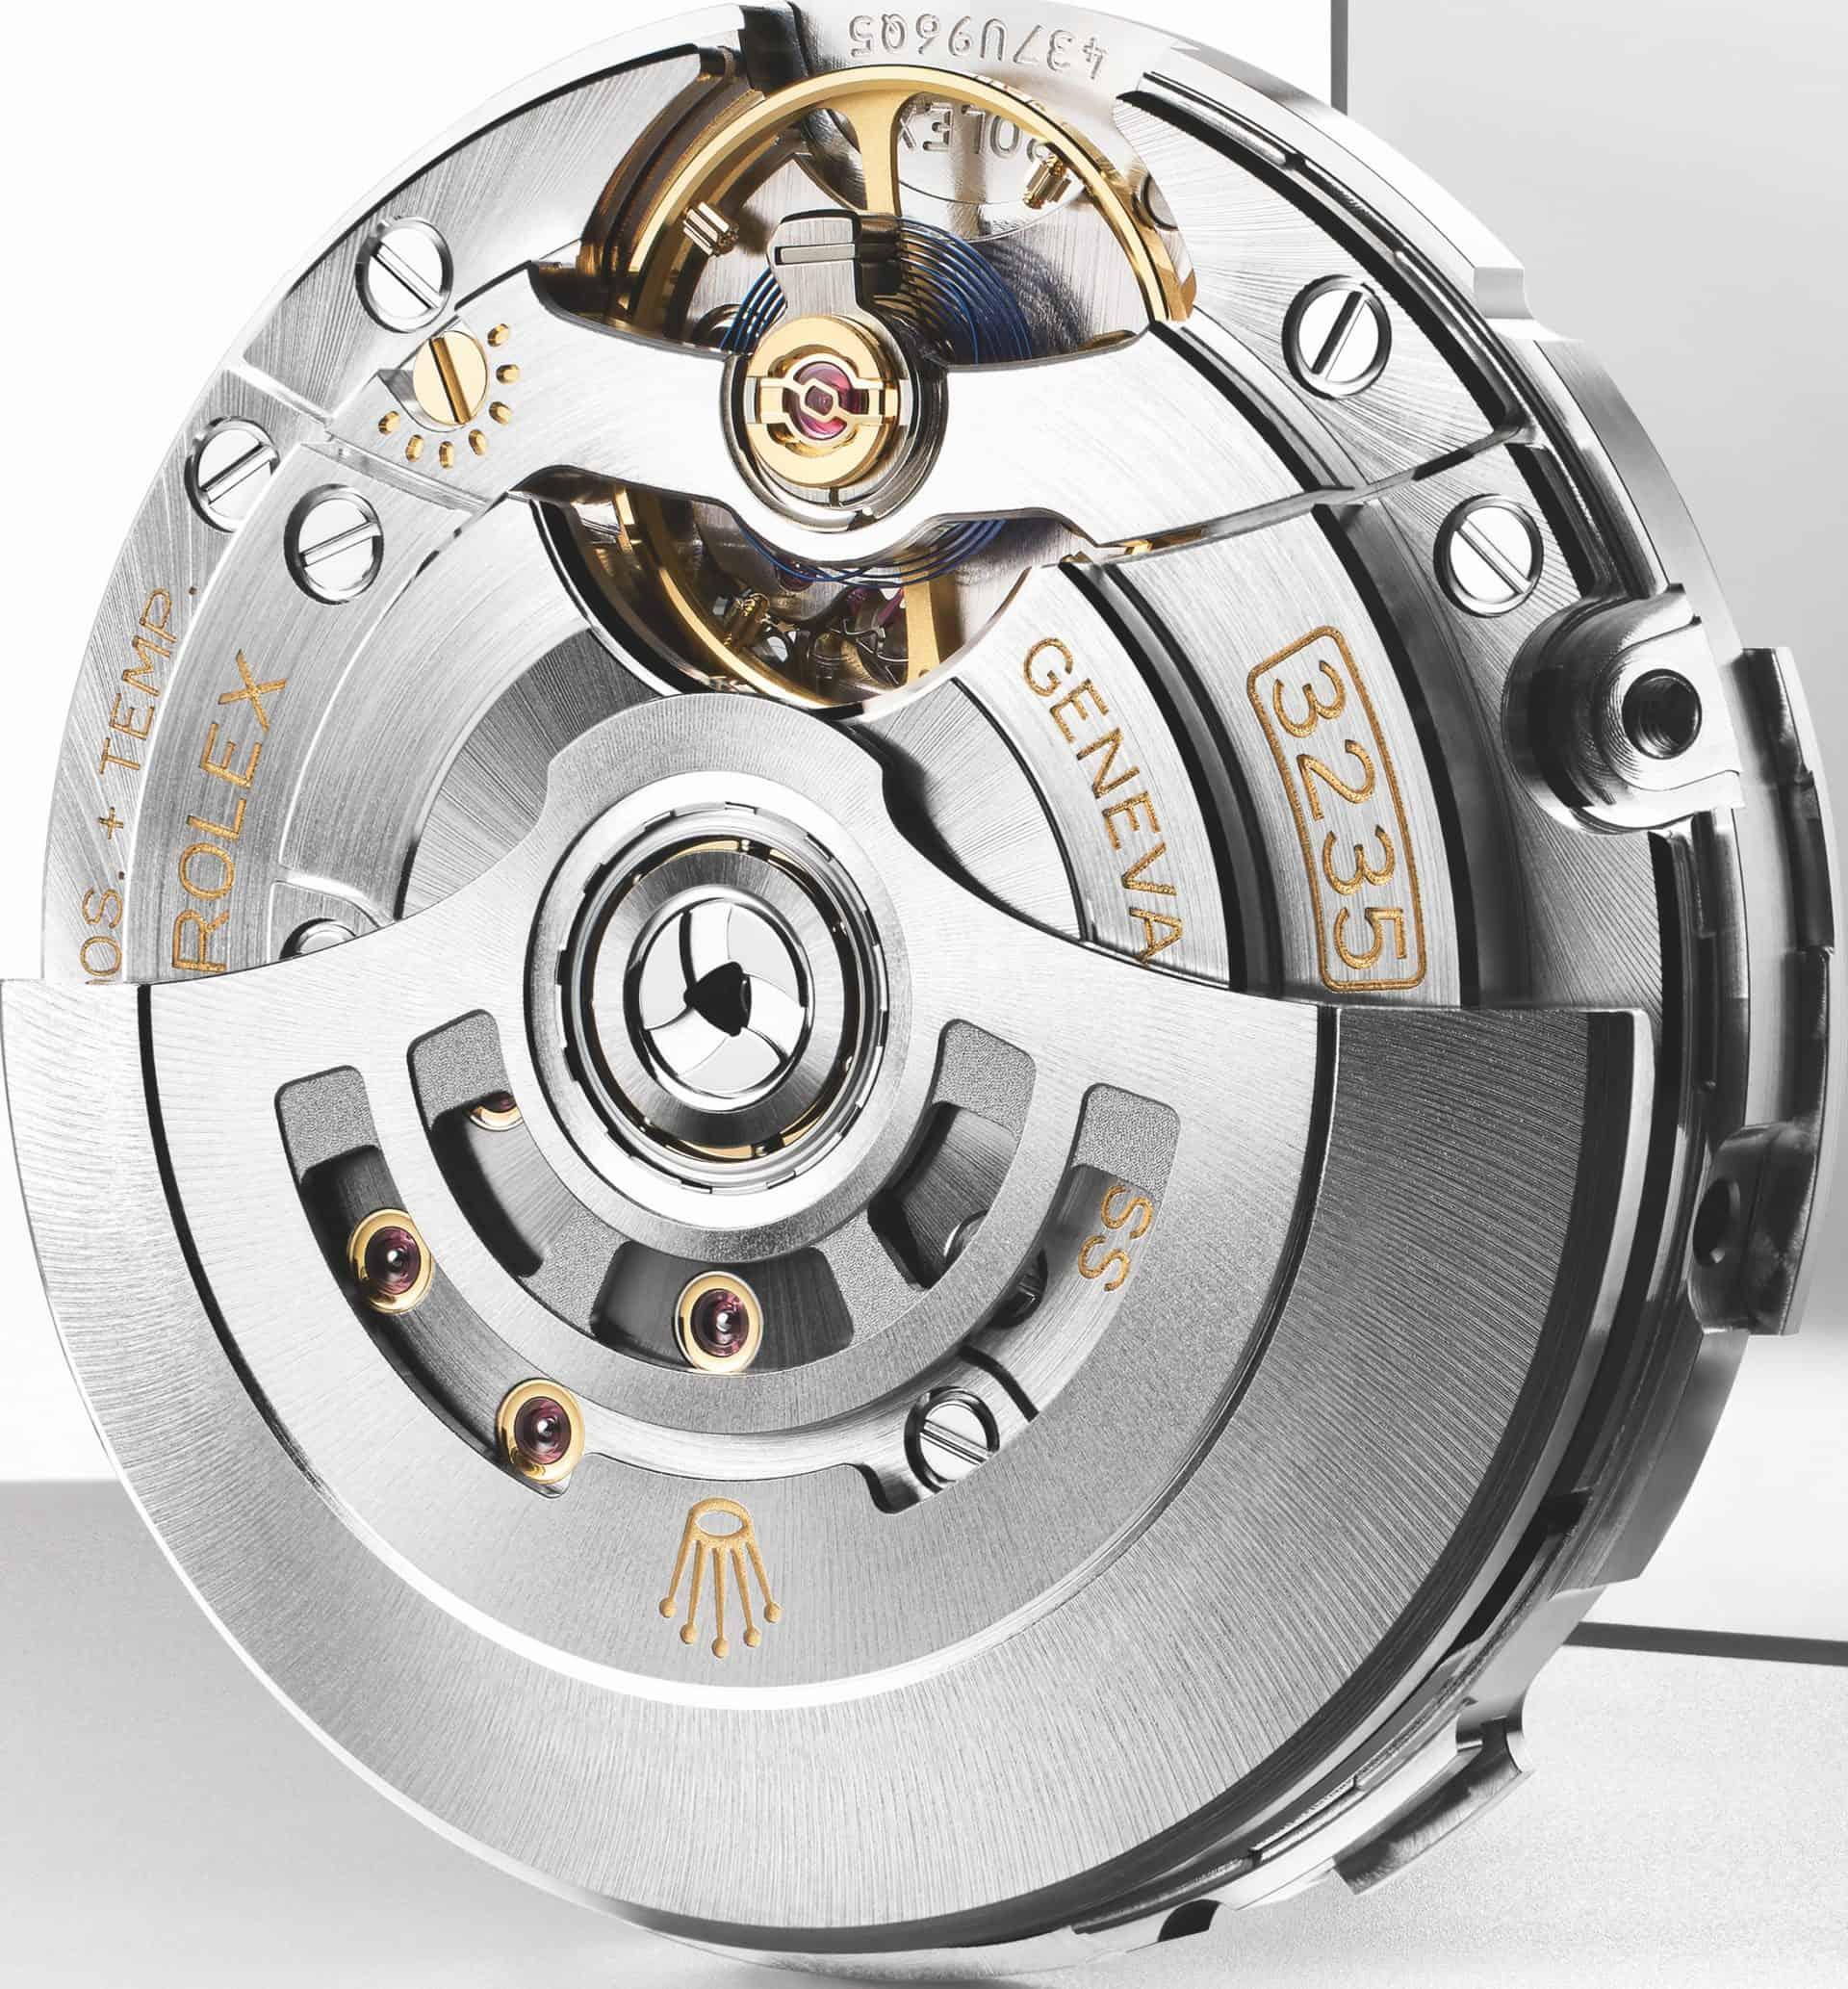 Neueste Werkegeneration aus Biel: Rolex Kaliber 3235